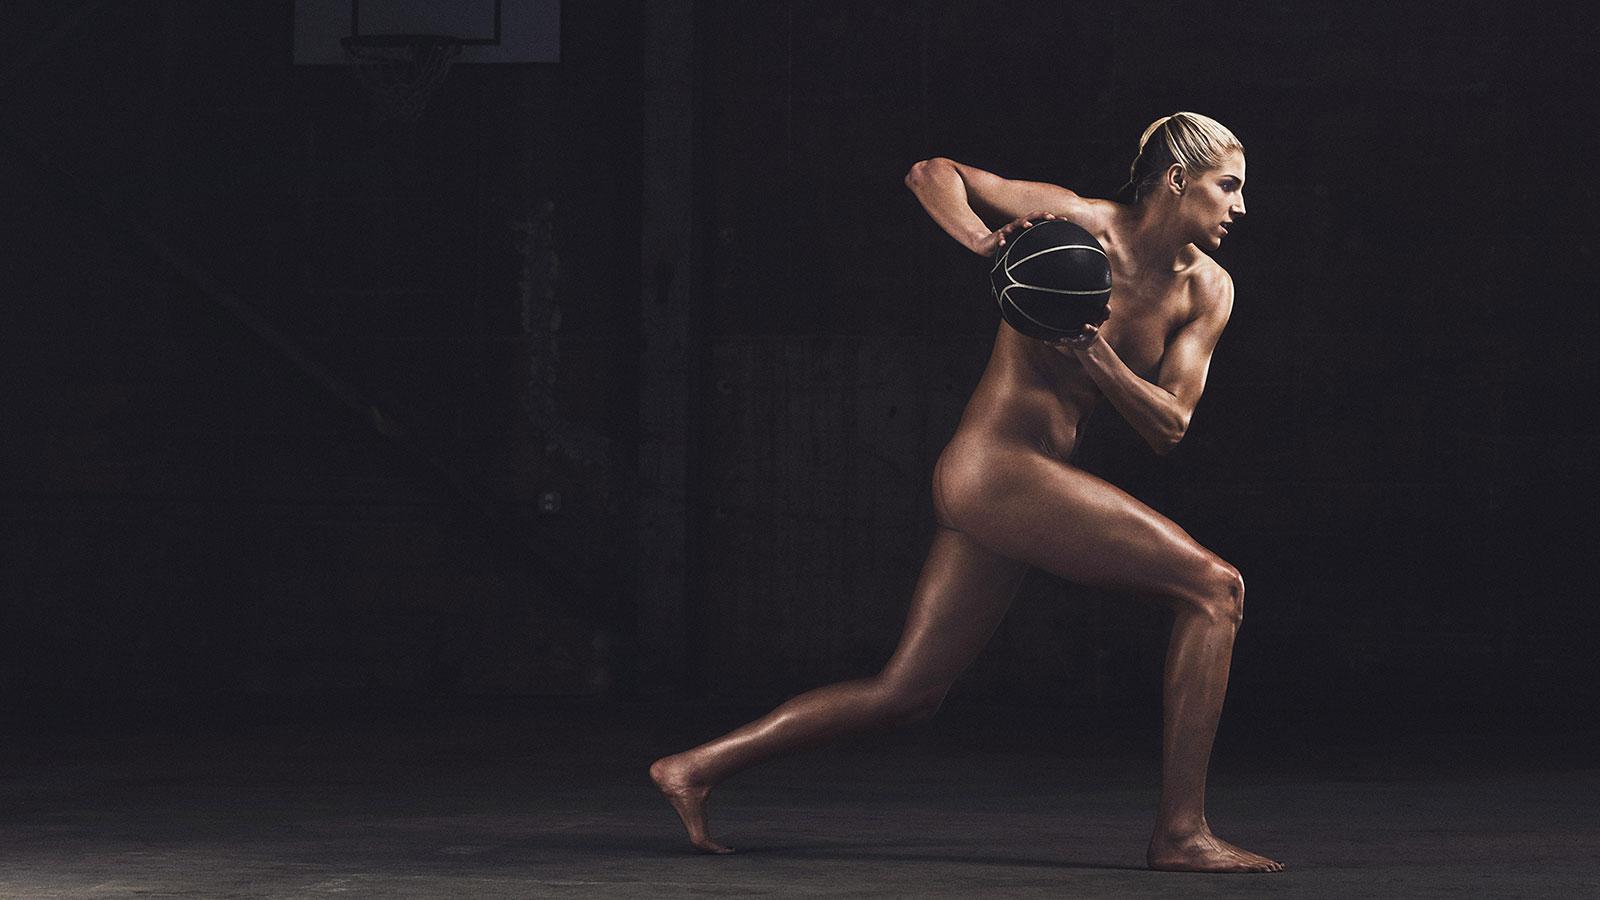 Elena Delle Donne. В ежегодной фотосессии Body Issue для журнала ESPN приняли участие 20 известных спортсменов